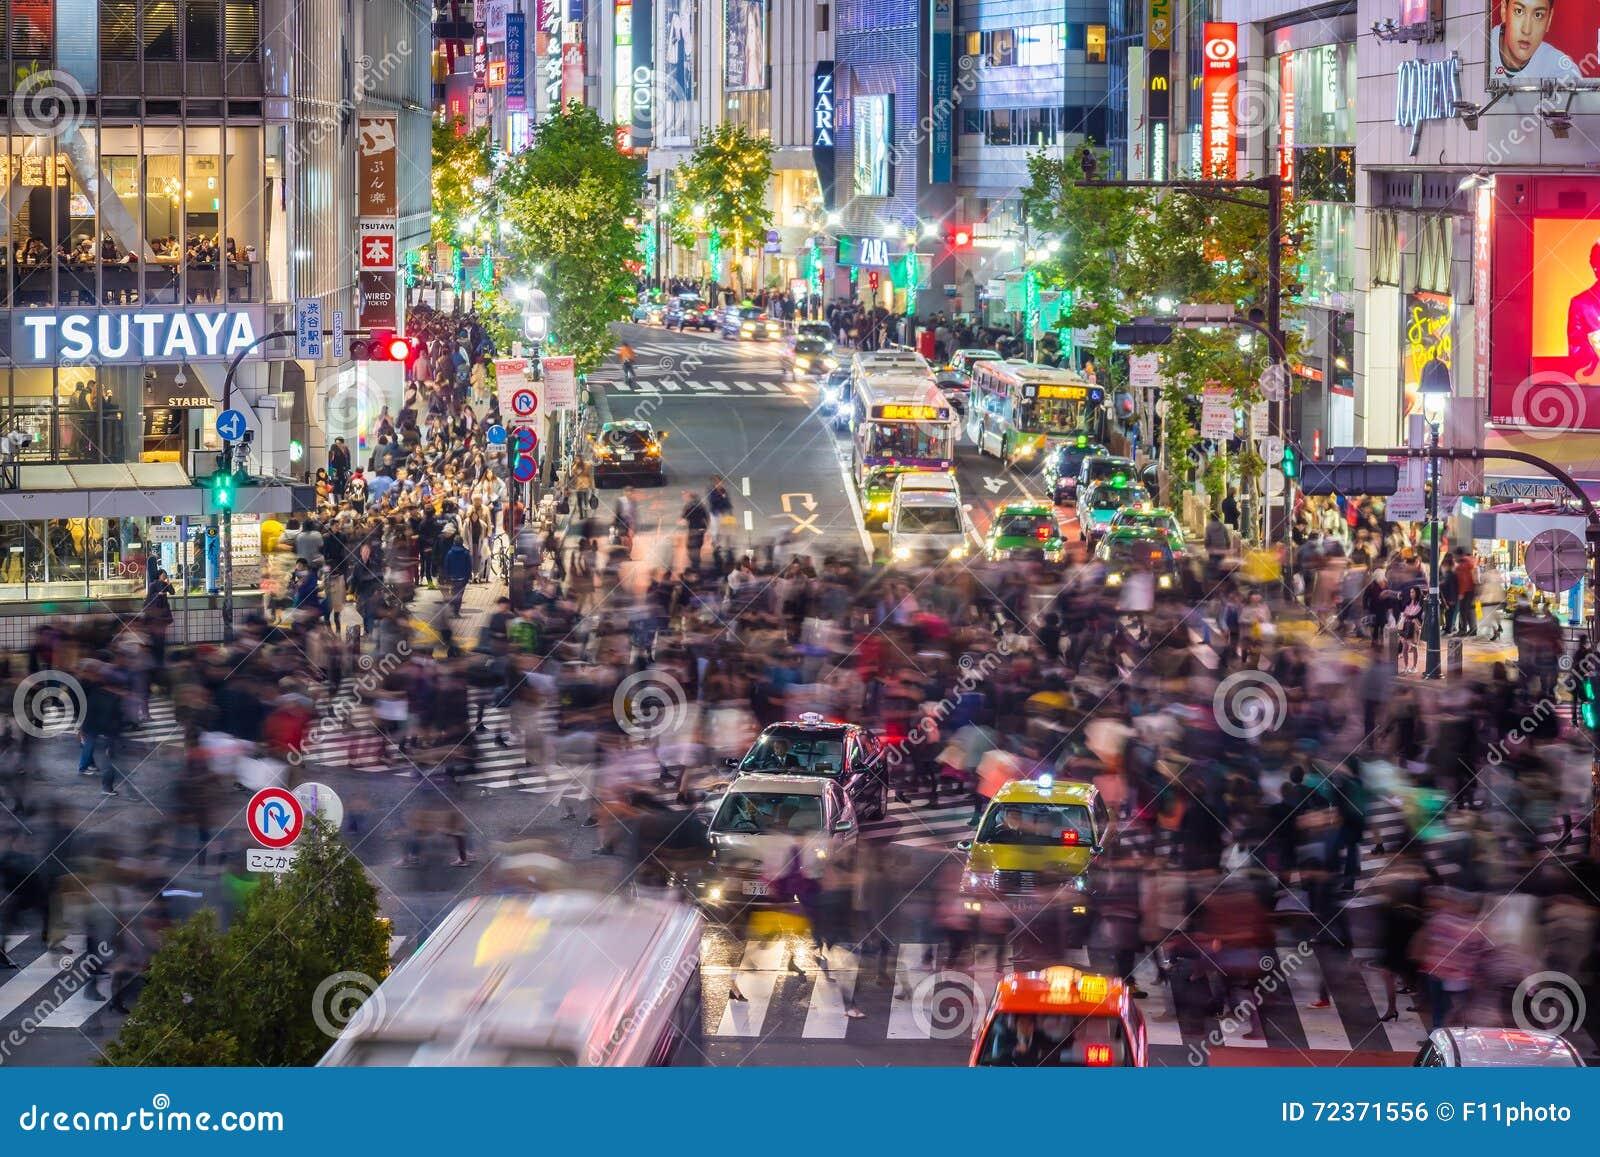 涩谷横穿Topview视图在涩谷东京